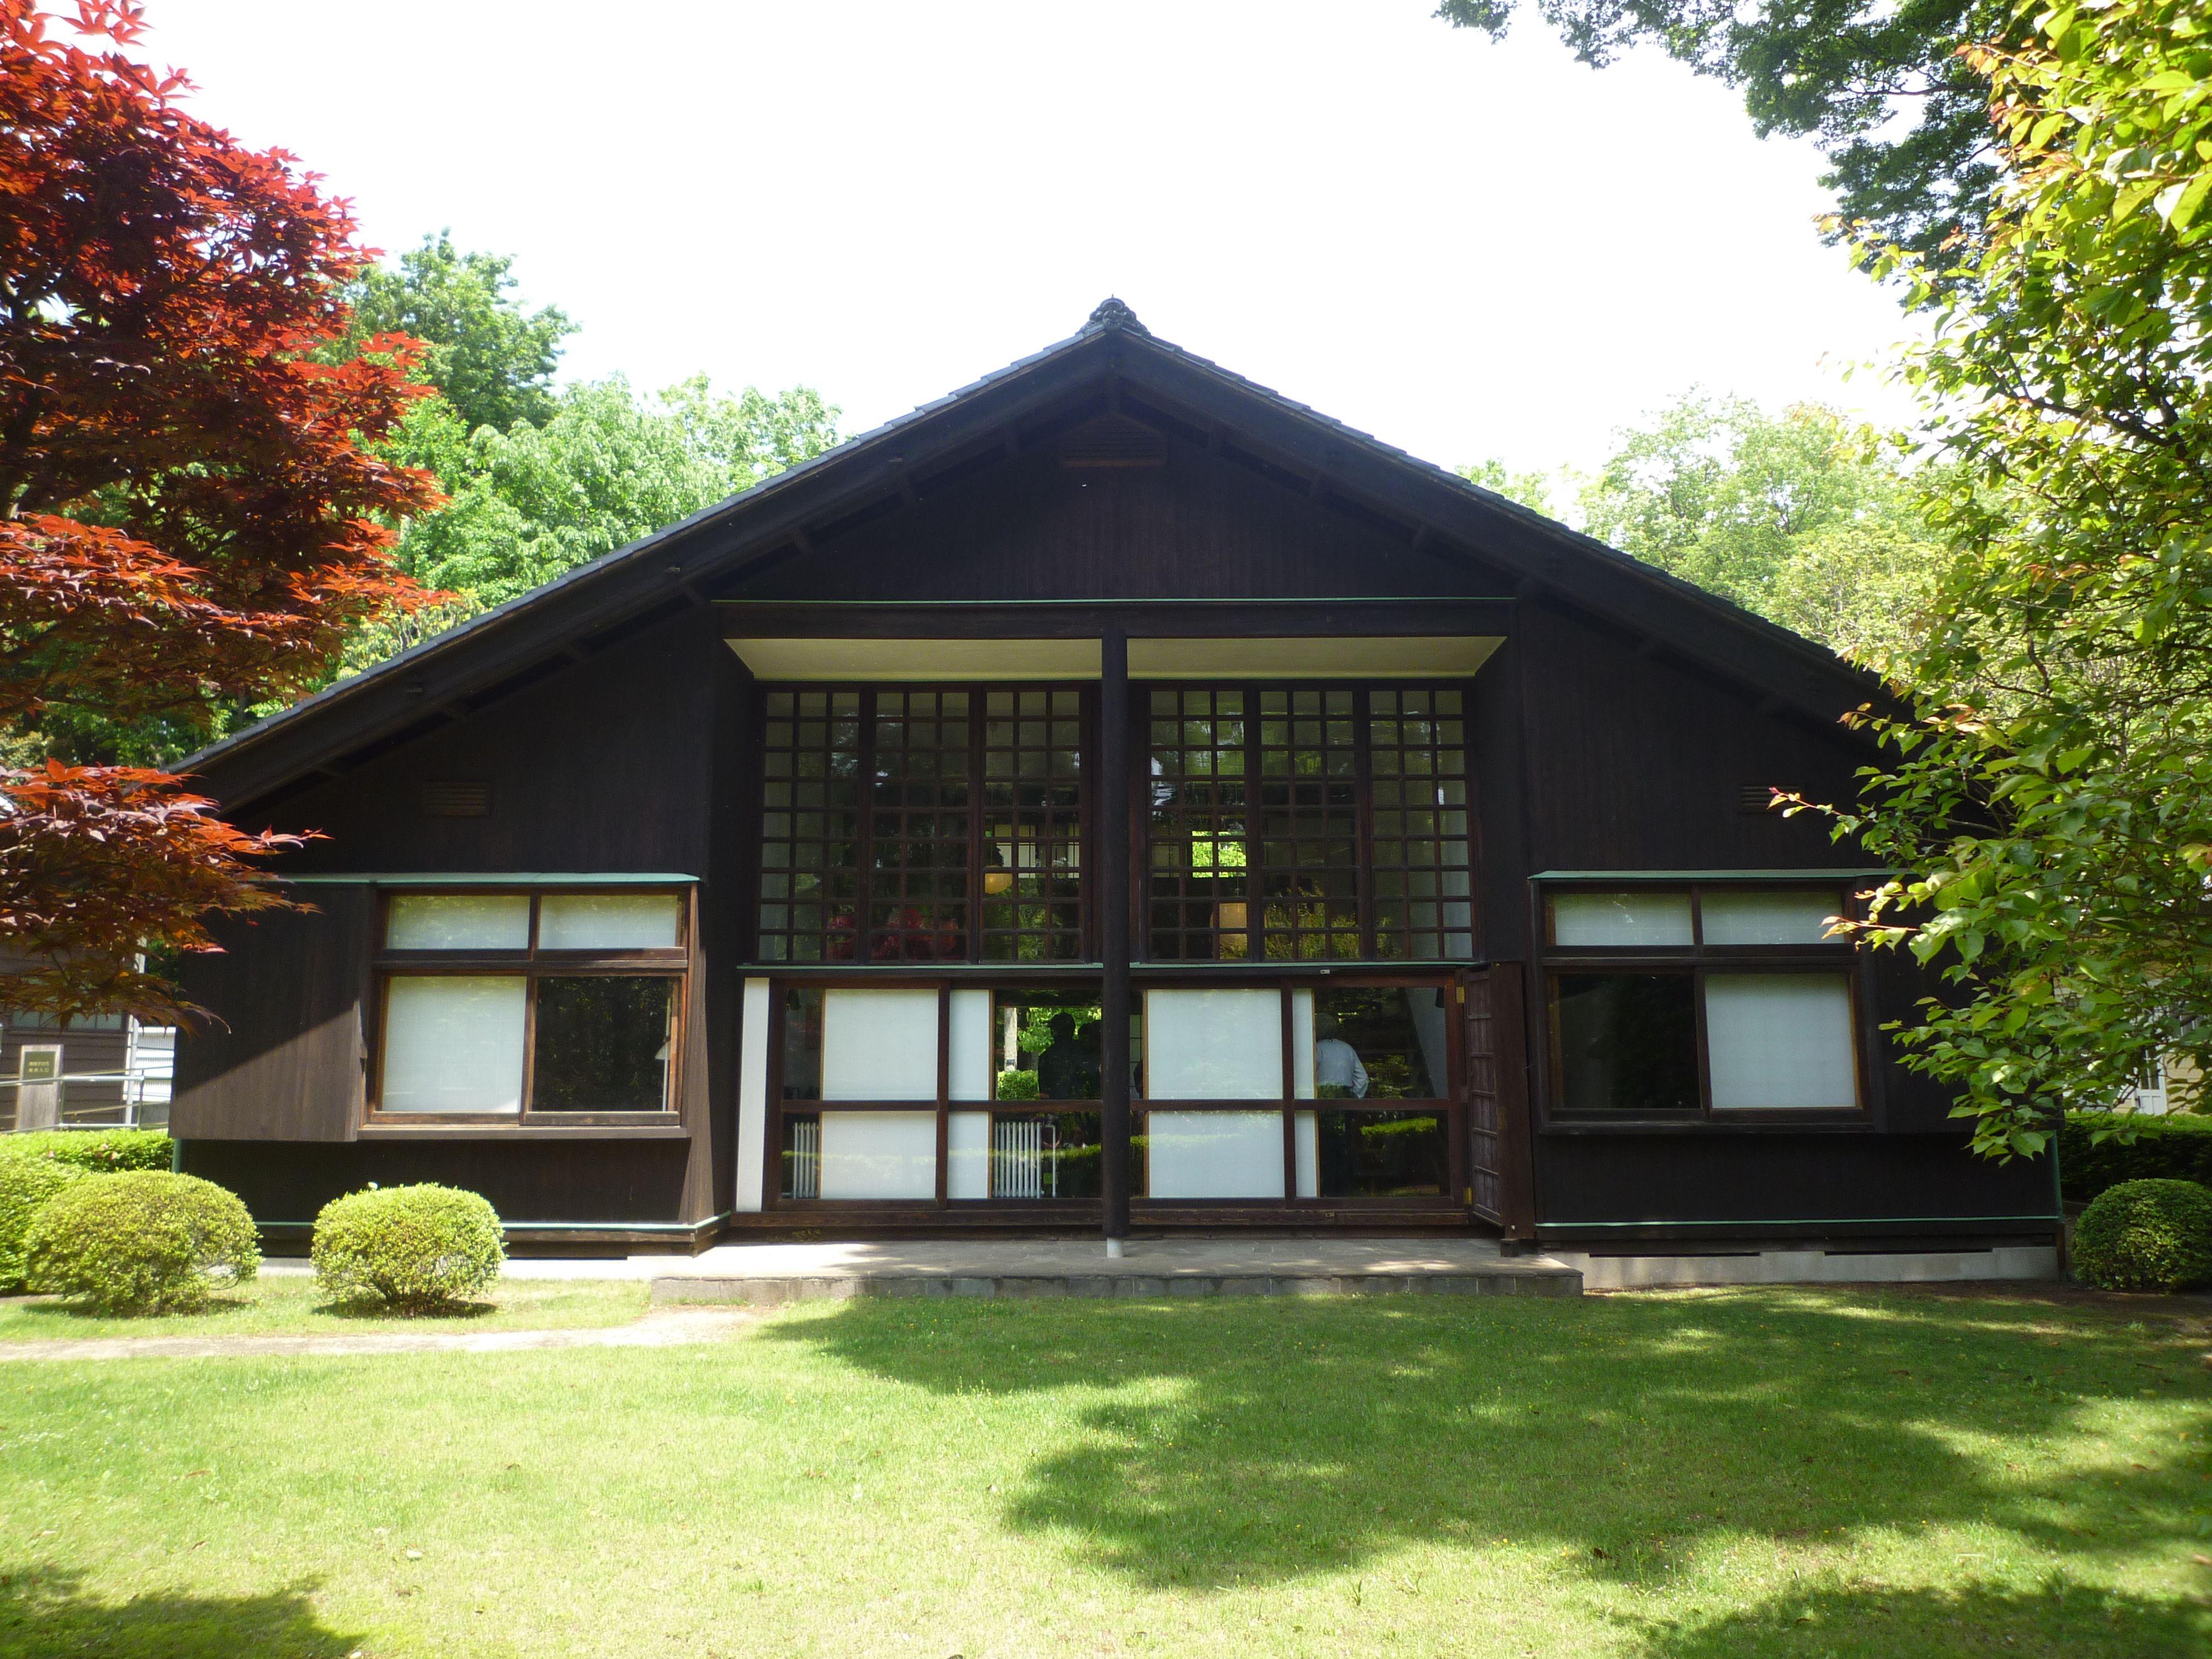 The house of Kunio Maekawa